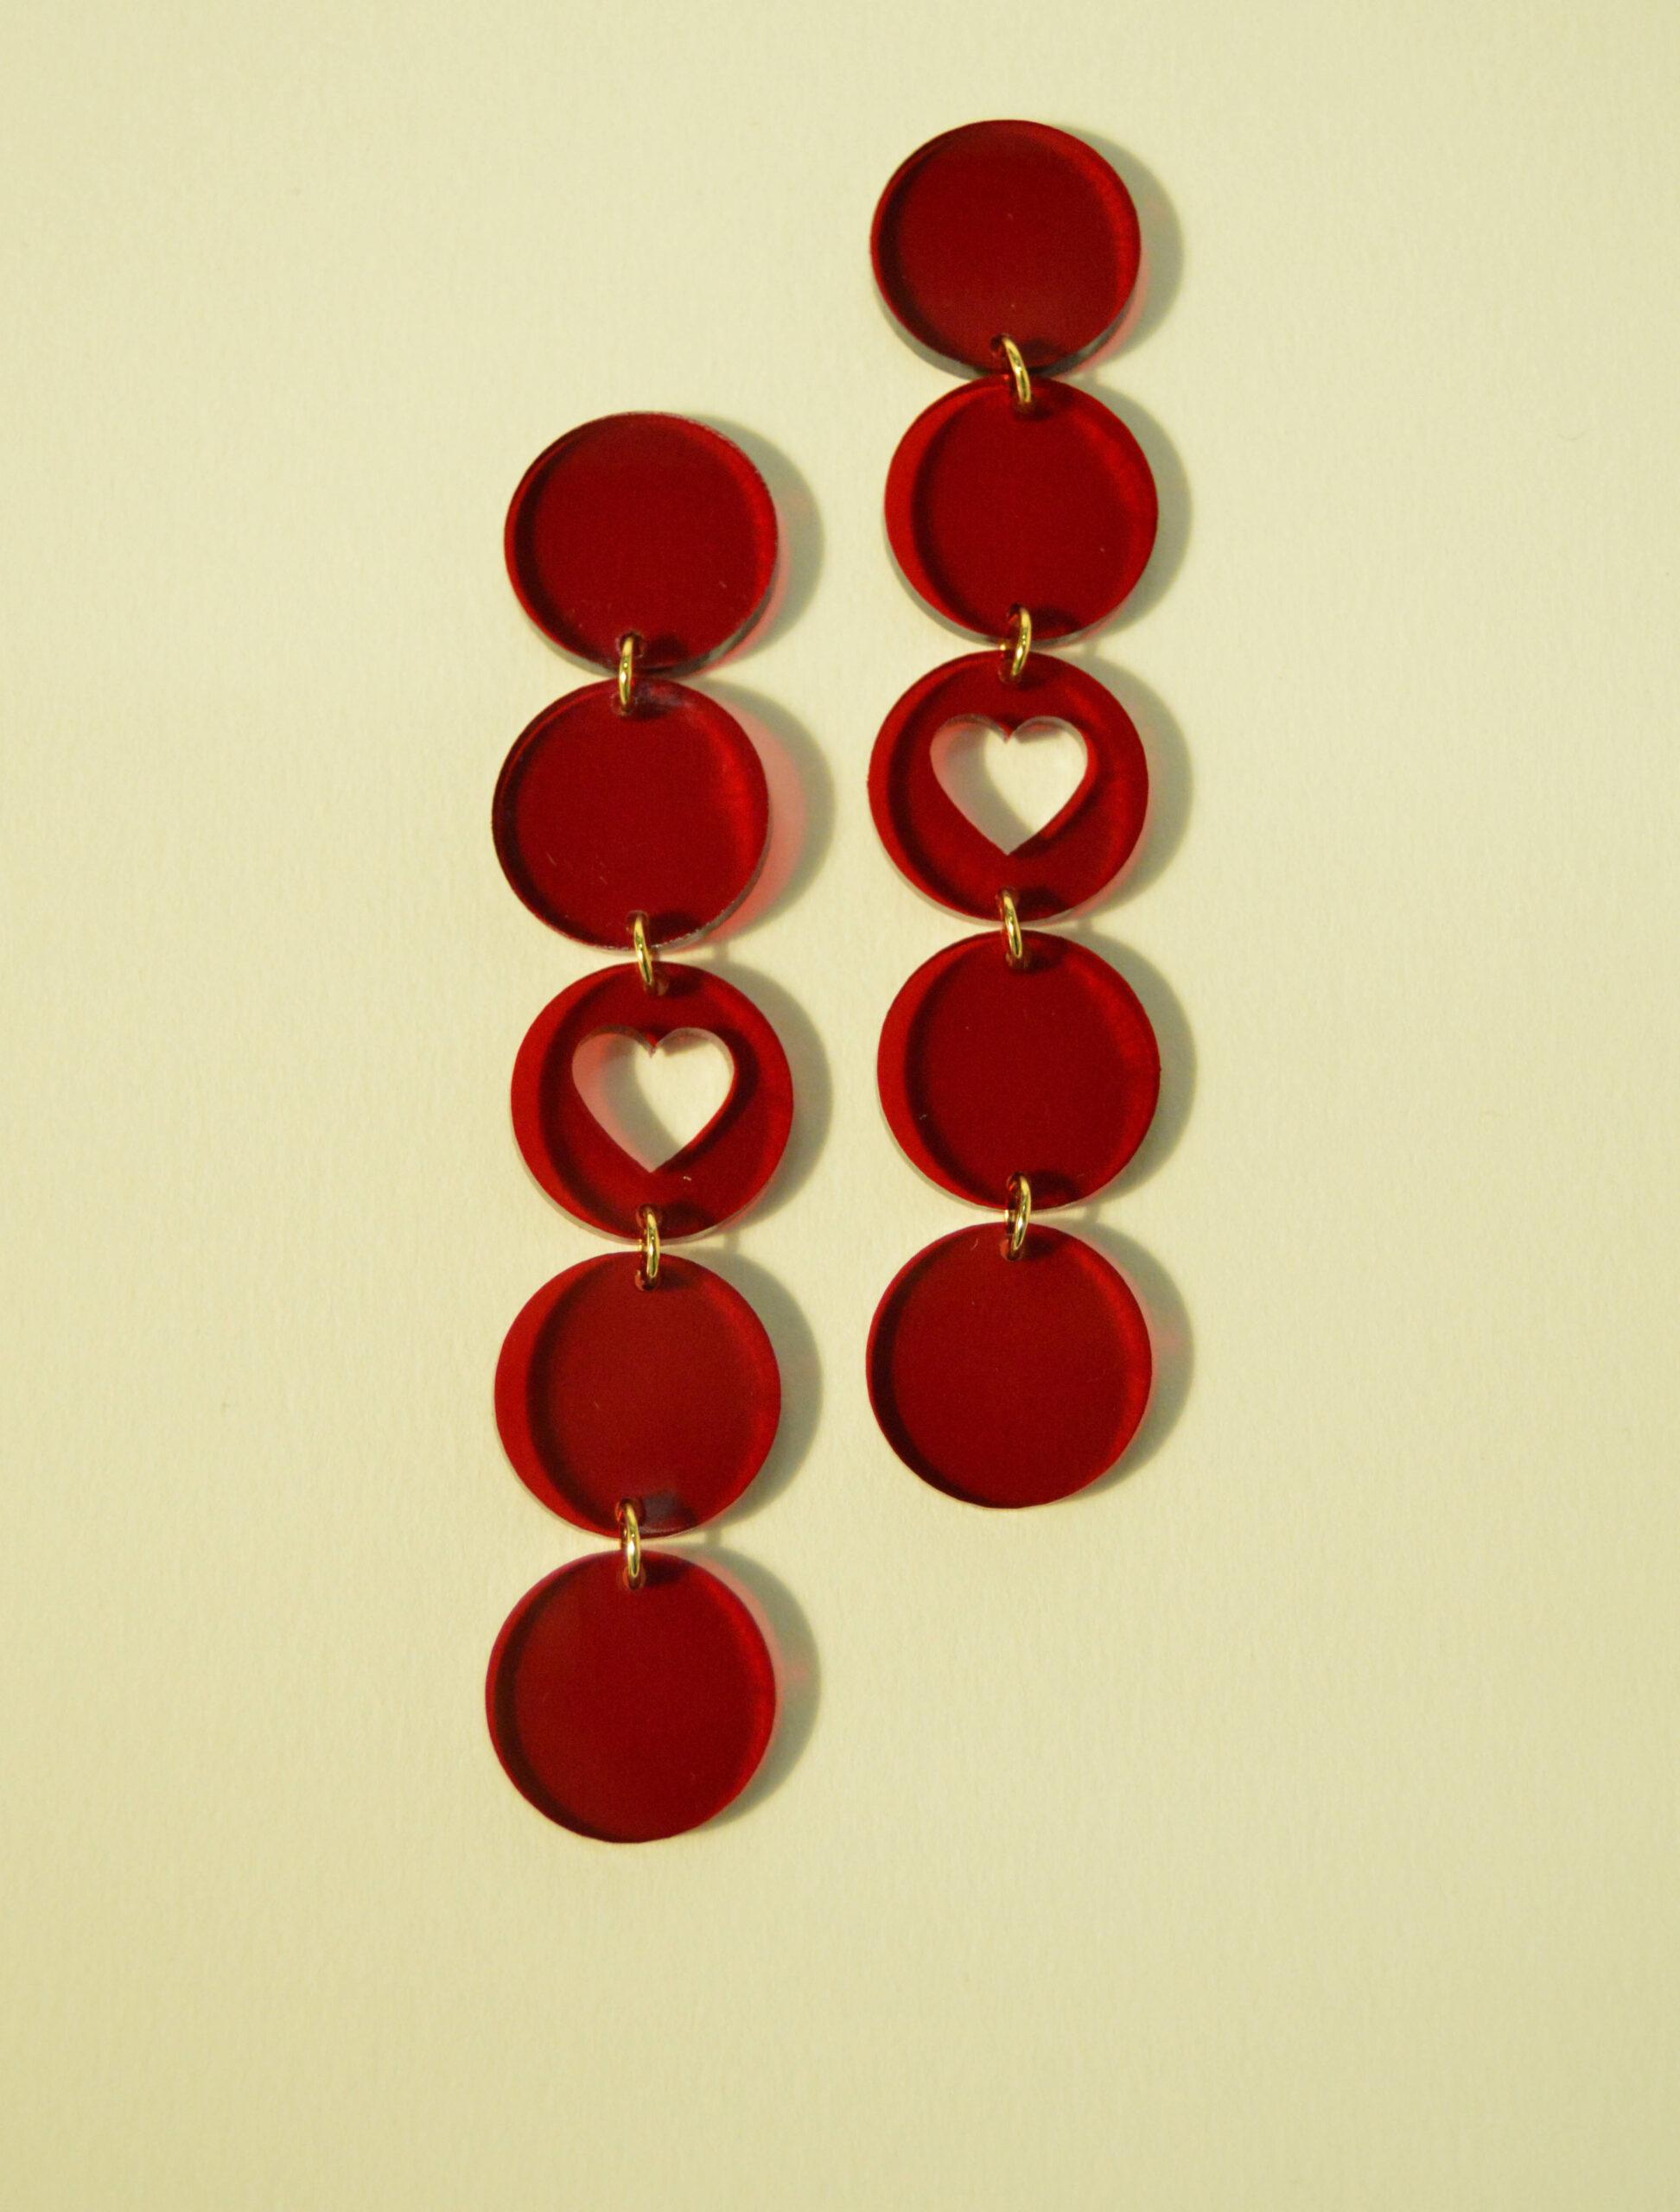 Boucles d'oreilles Paulette Coeur Rouge Transparent - KITX Laboratoire d'excentricité